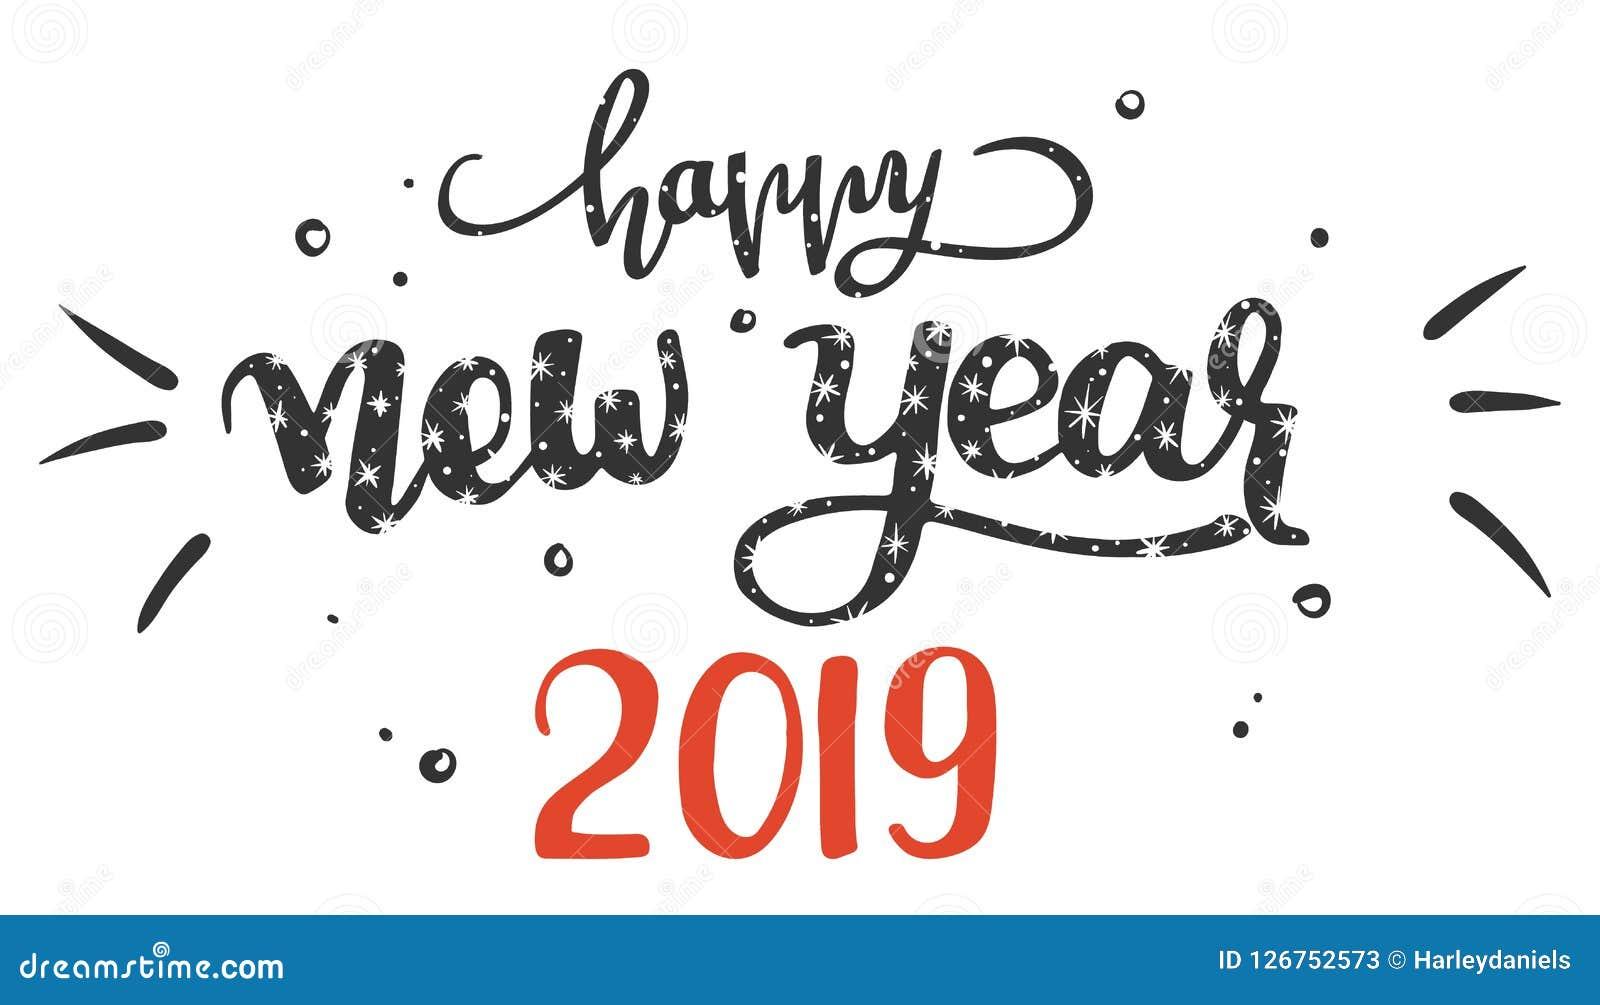 Feliz Año Nuevo 2019 Ejemplo De La Frase Manuscrita De Las